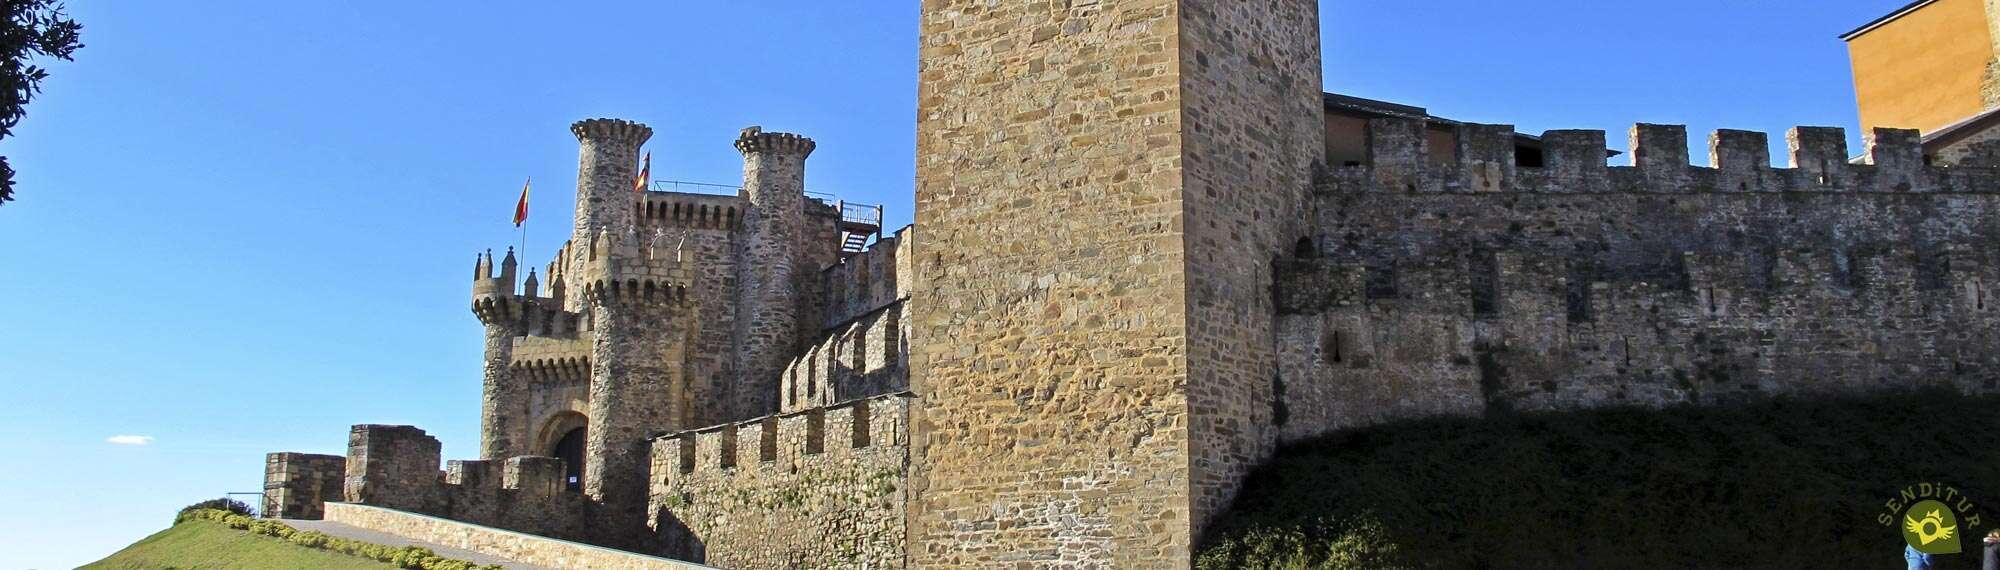 Castillo de ponferrada le n castillo templario for Oficina de turismo ponferrada